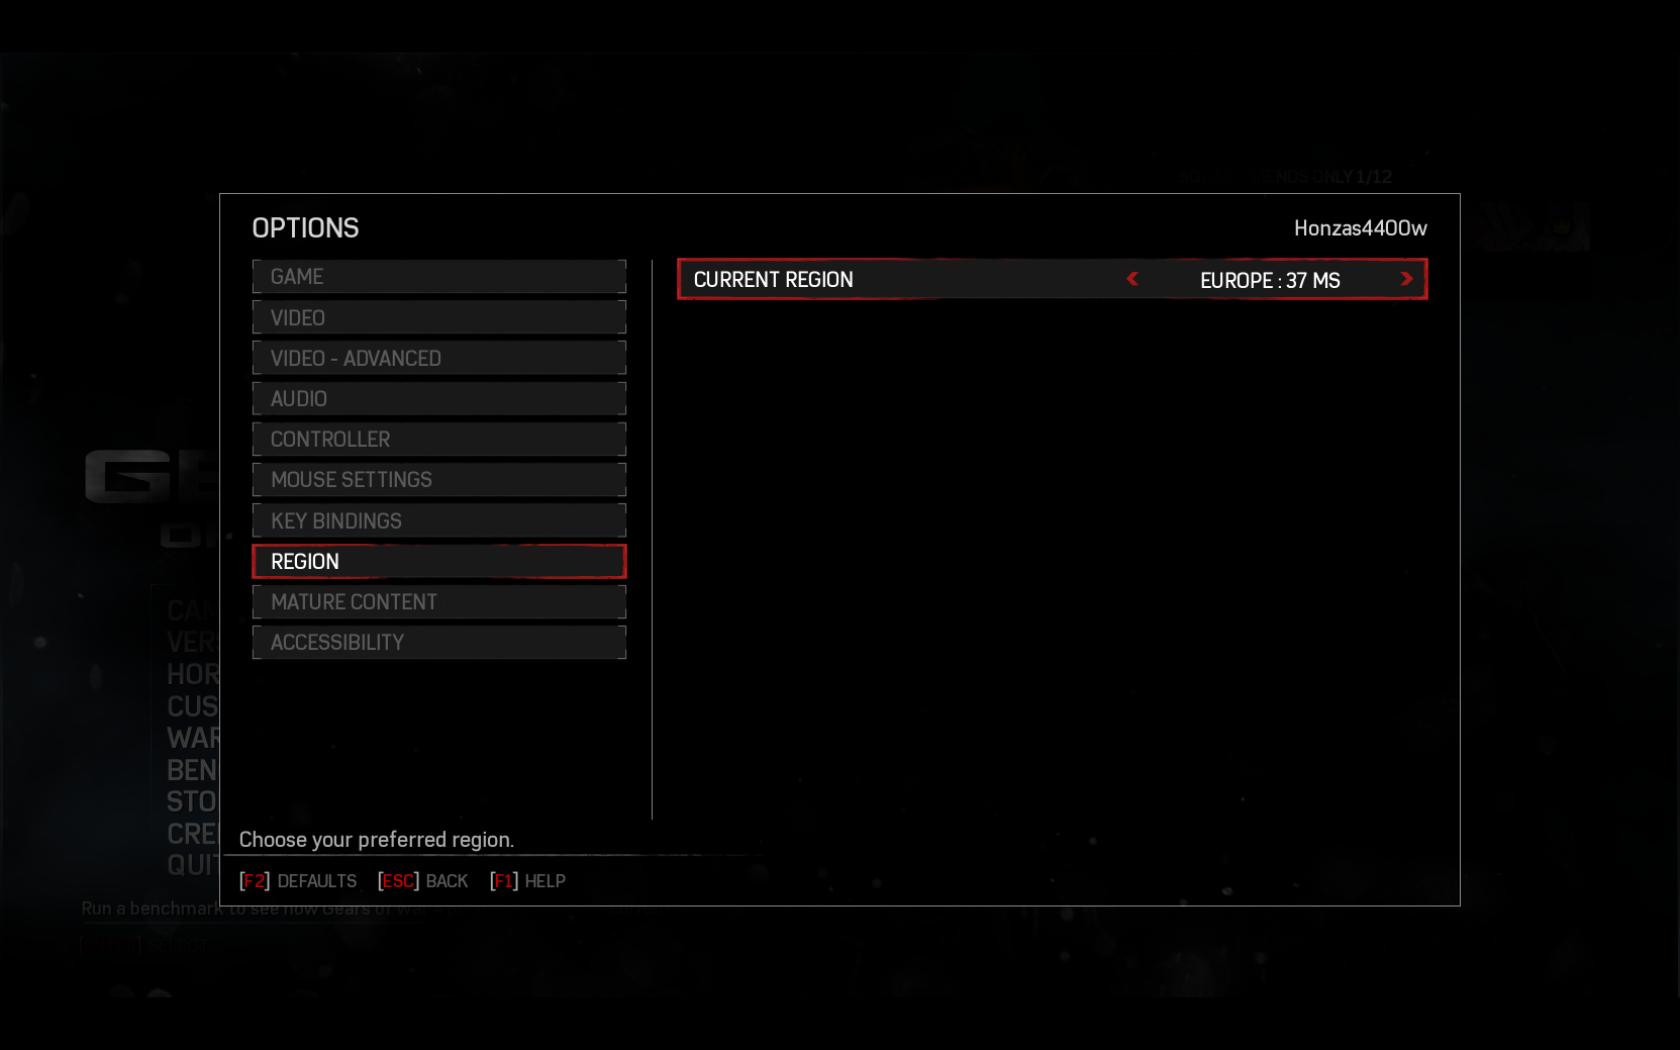 PC verze Gears of War 4 si zaslouží velkou pochvalu 131668